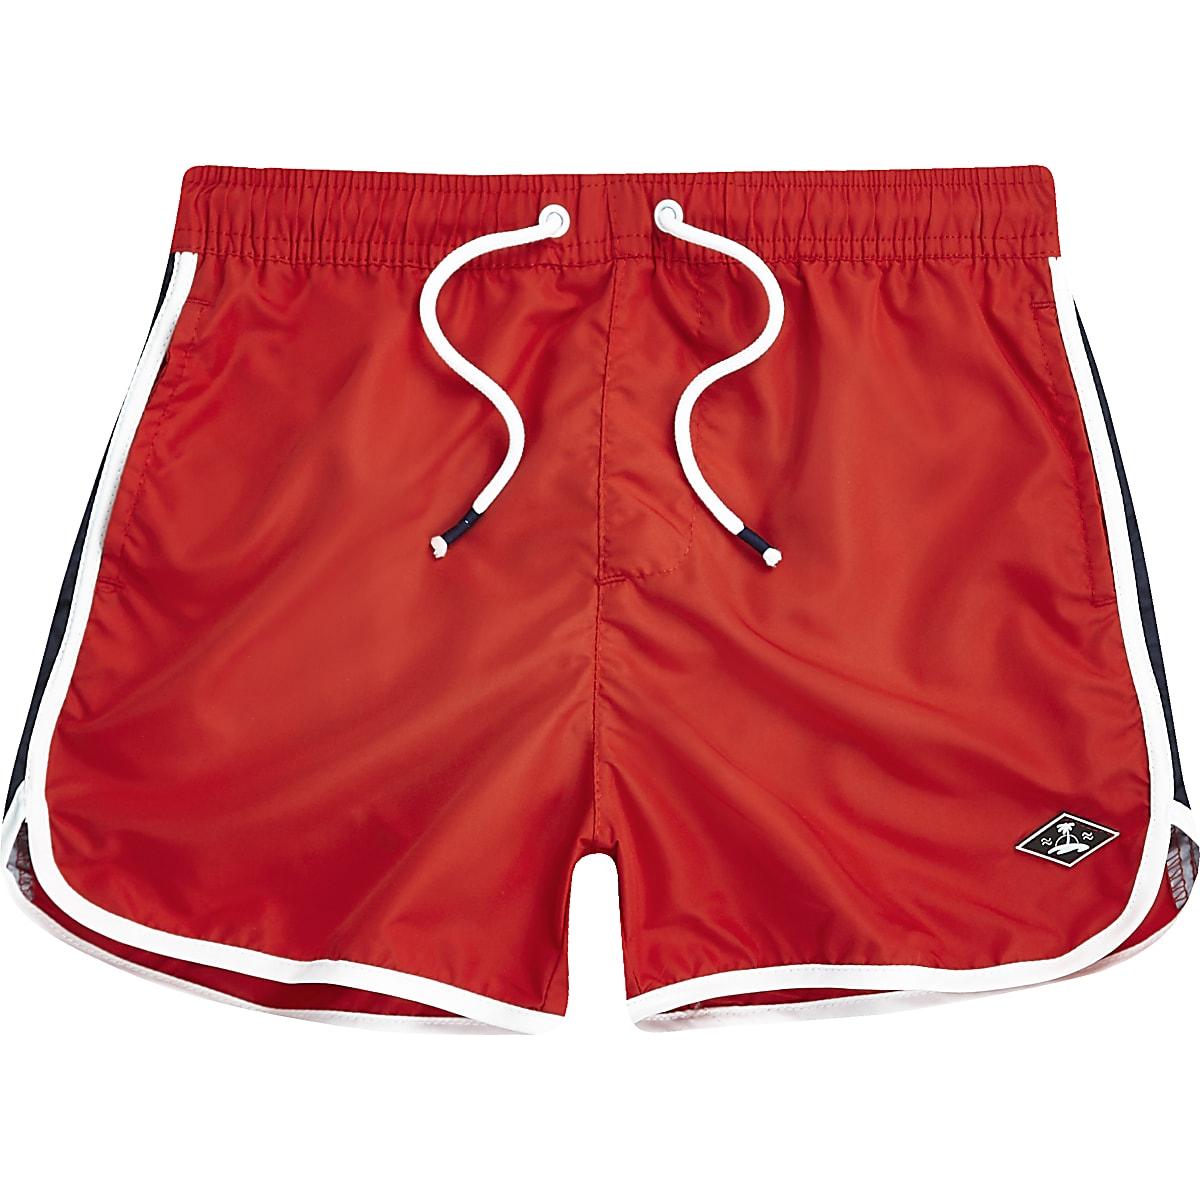 Boys red runner swim trunks